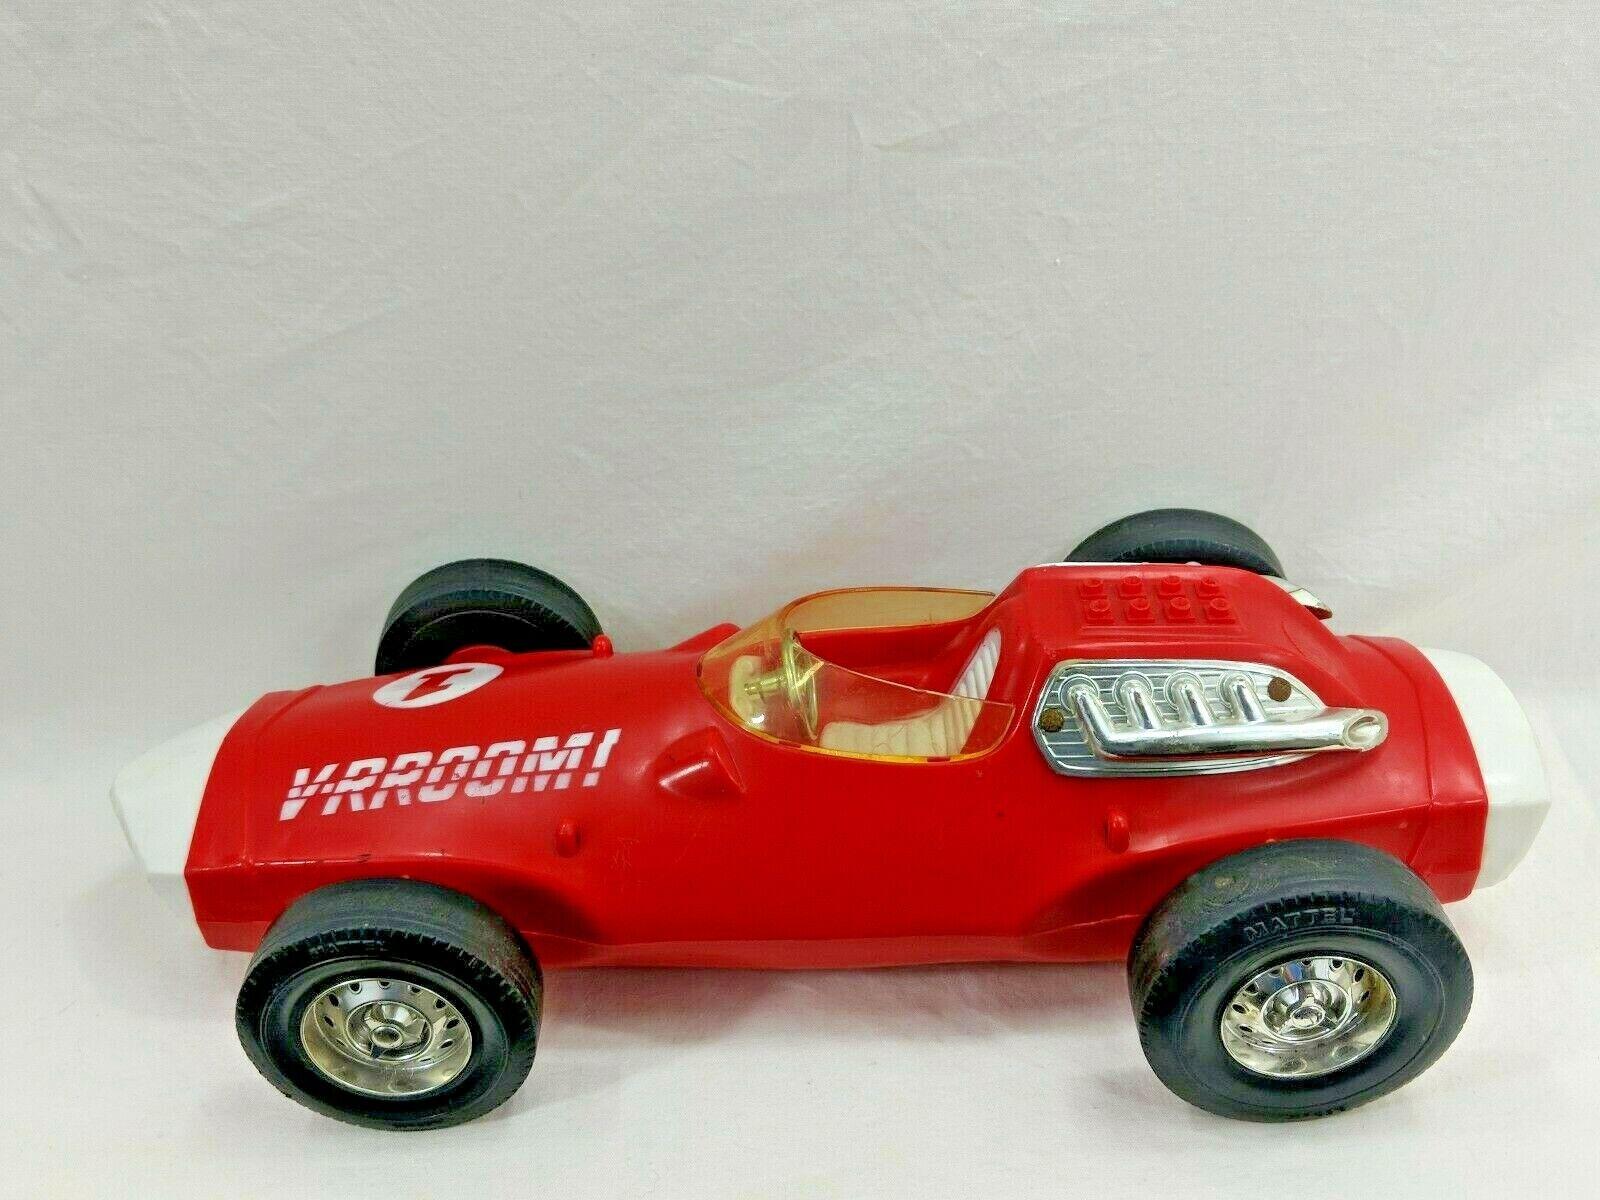 más vendido Vrroom brooom látigo Coche Coche Coche Mattel 1963 1  descuento